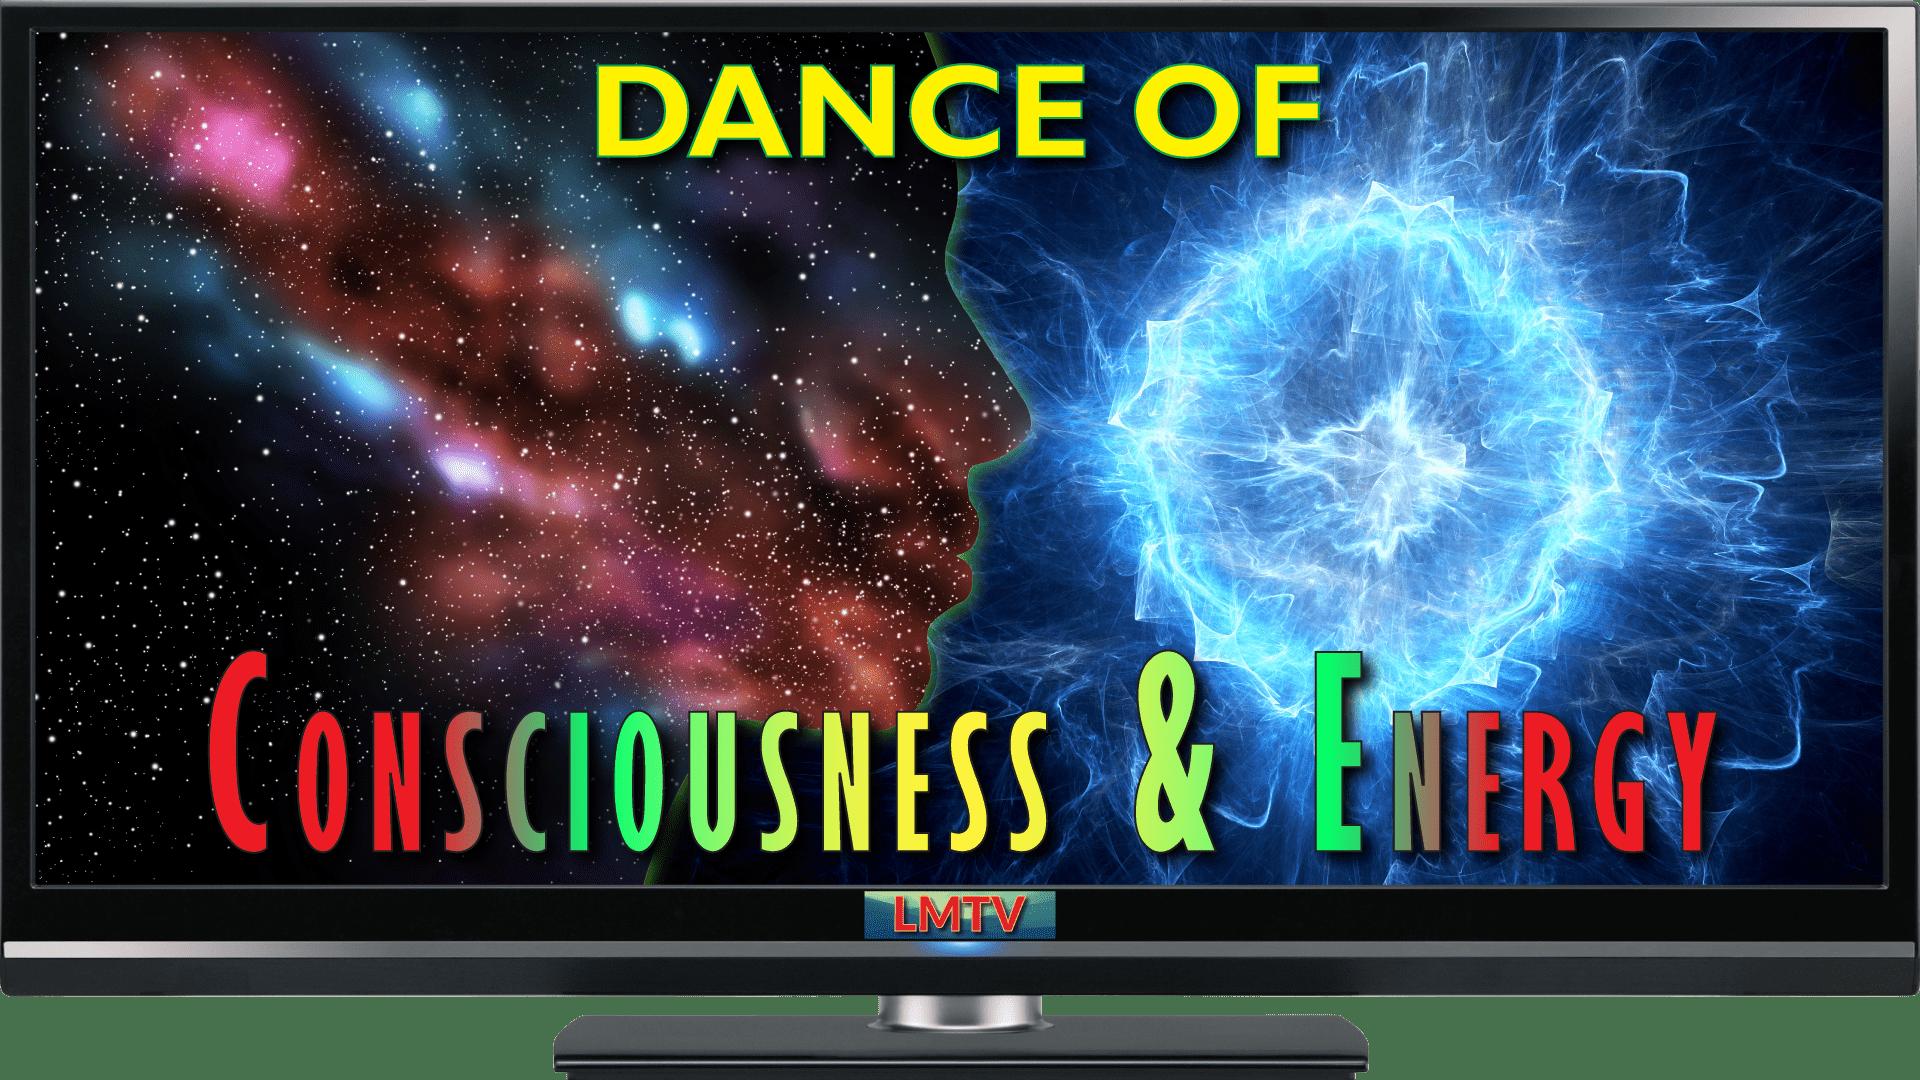 Dance of Consciousness & Energy